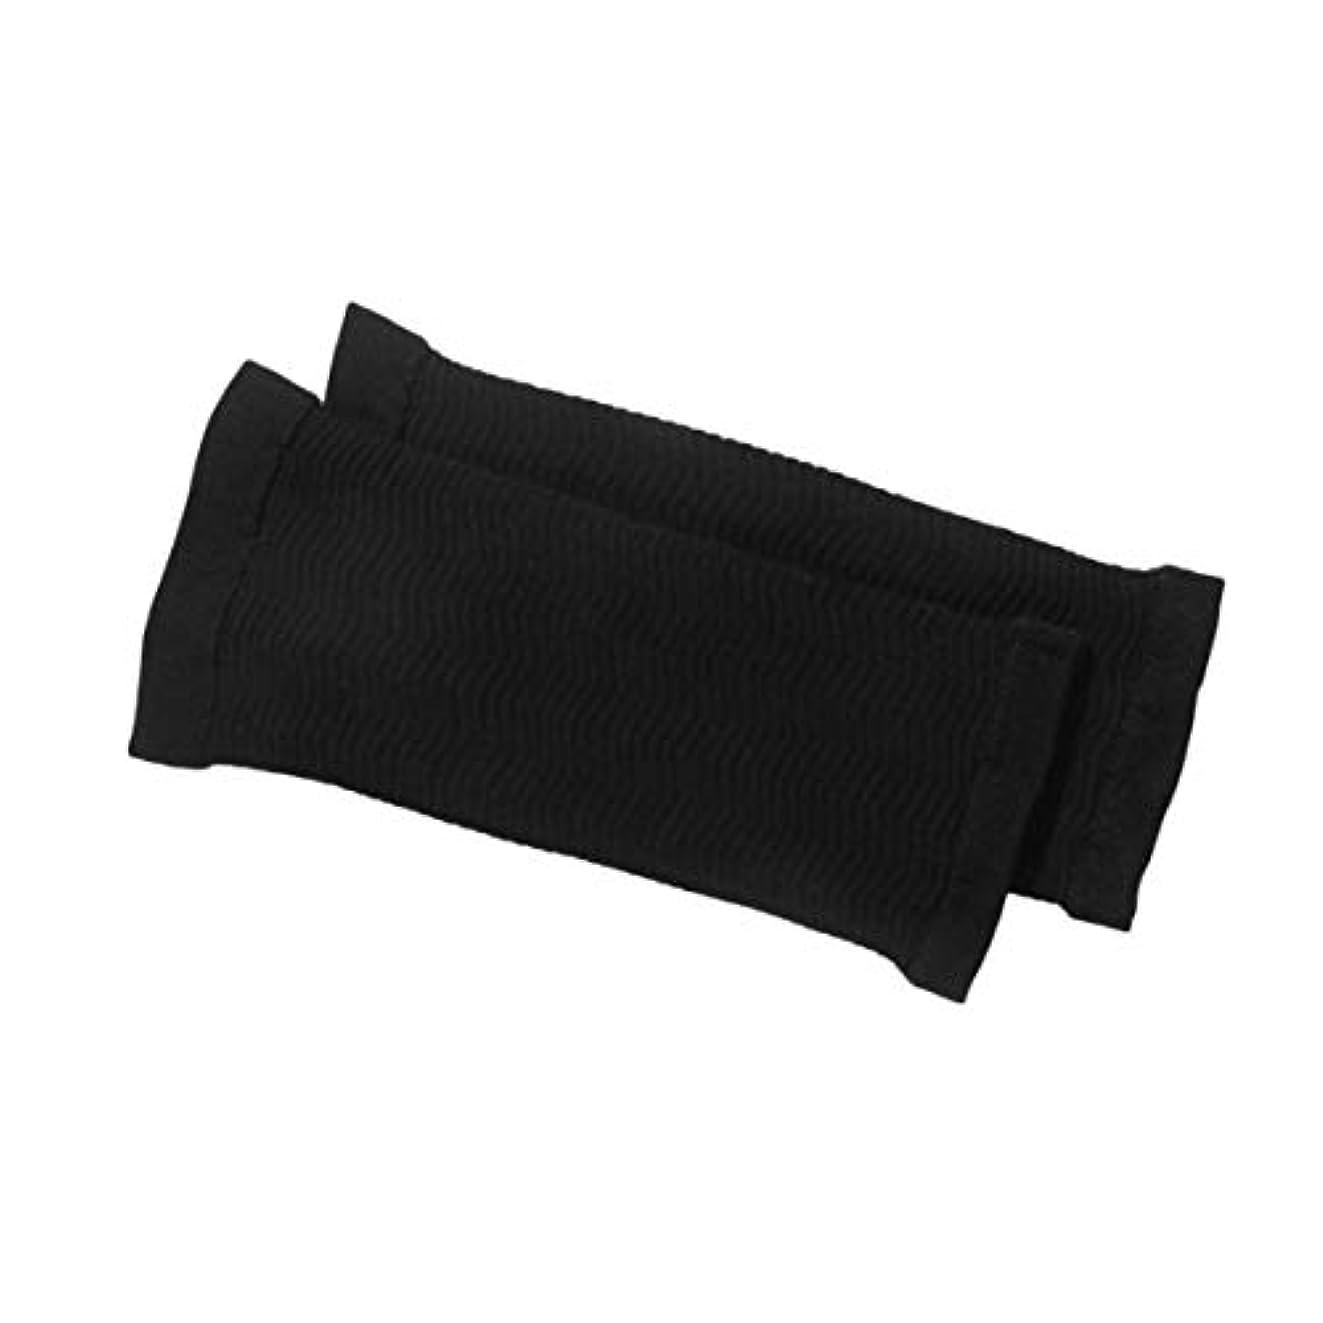 航空会社ネコ原理1ペア420 D圧縮痩身アームスリーブワークアウトトーニングバーンセルライトシェイパー脂肪燃焼袖用女性 - 黒